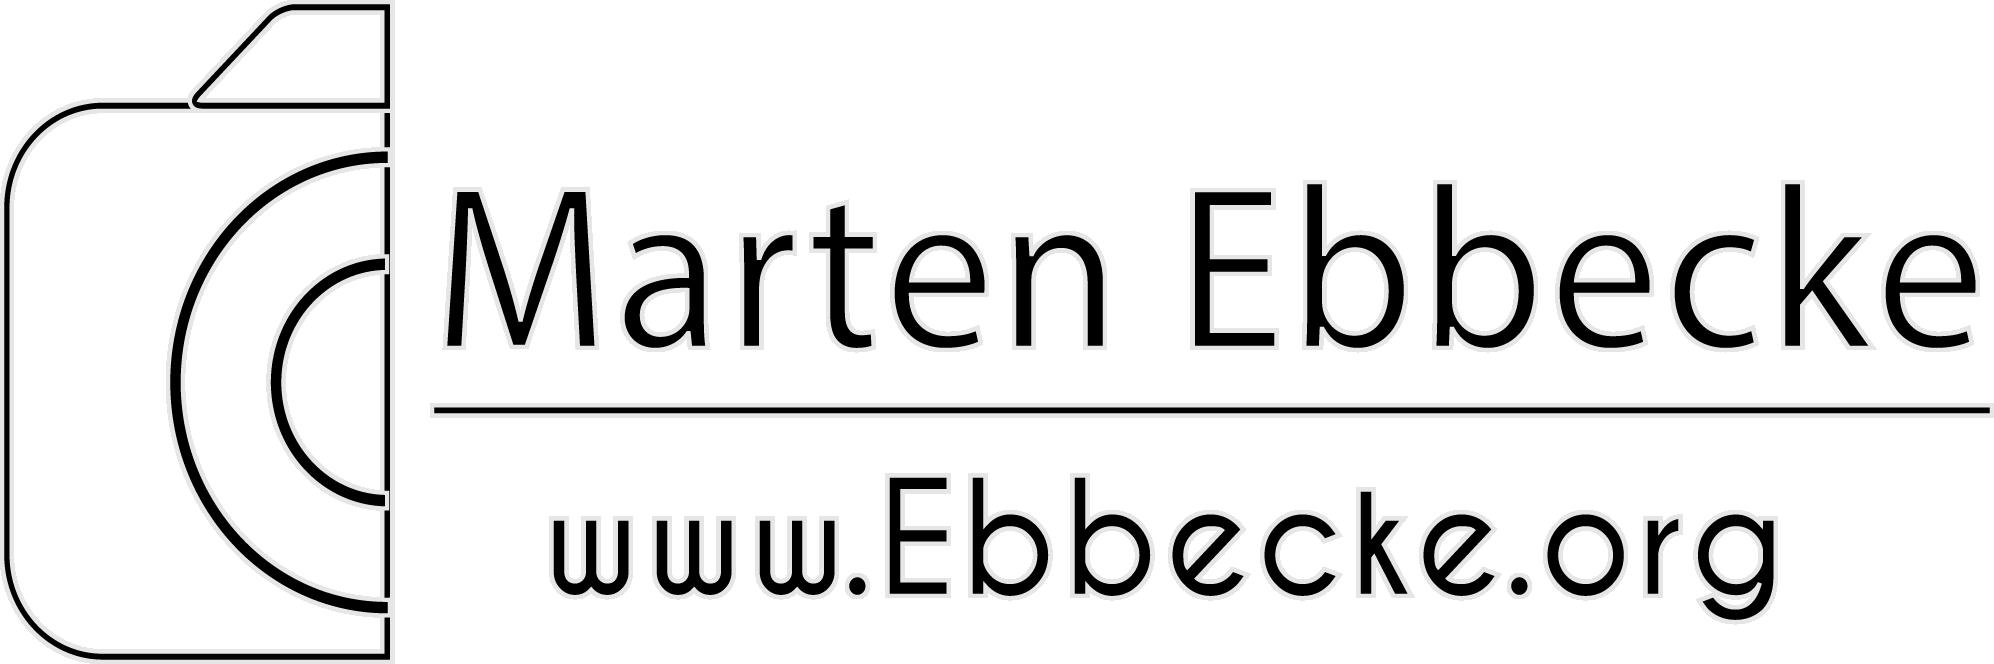 Marten Ebbecke